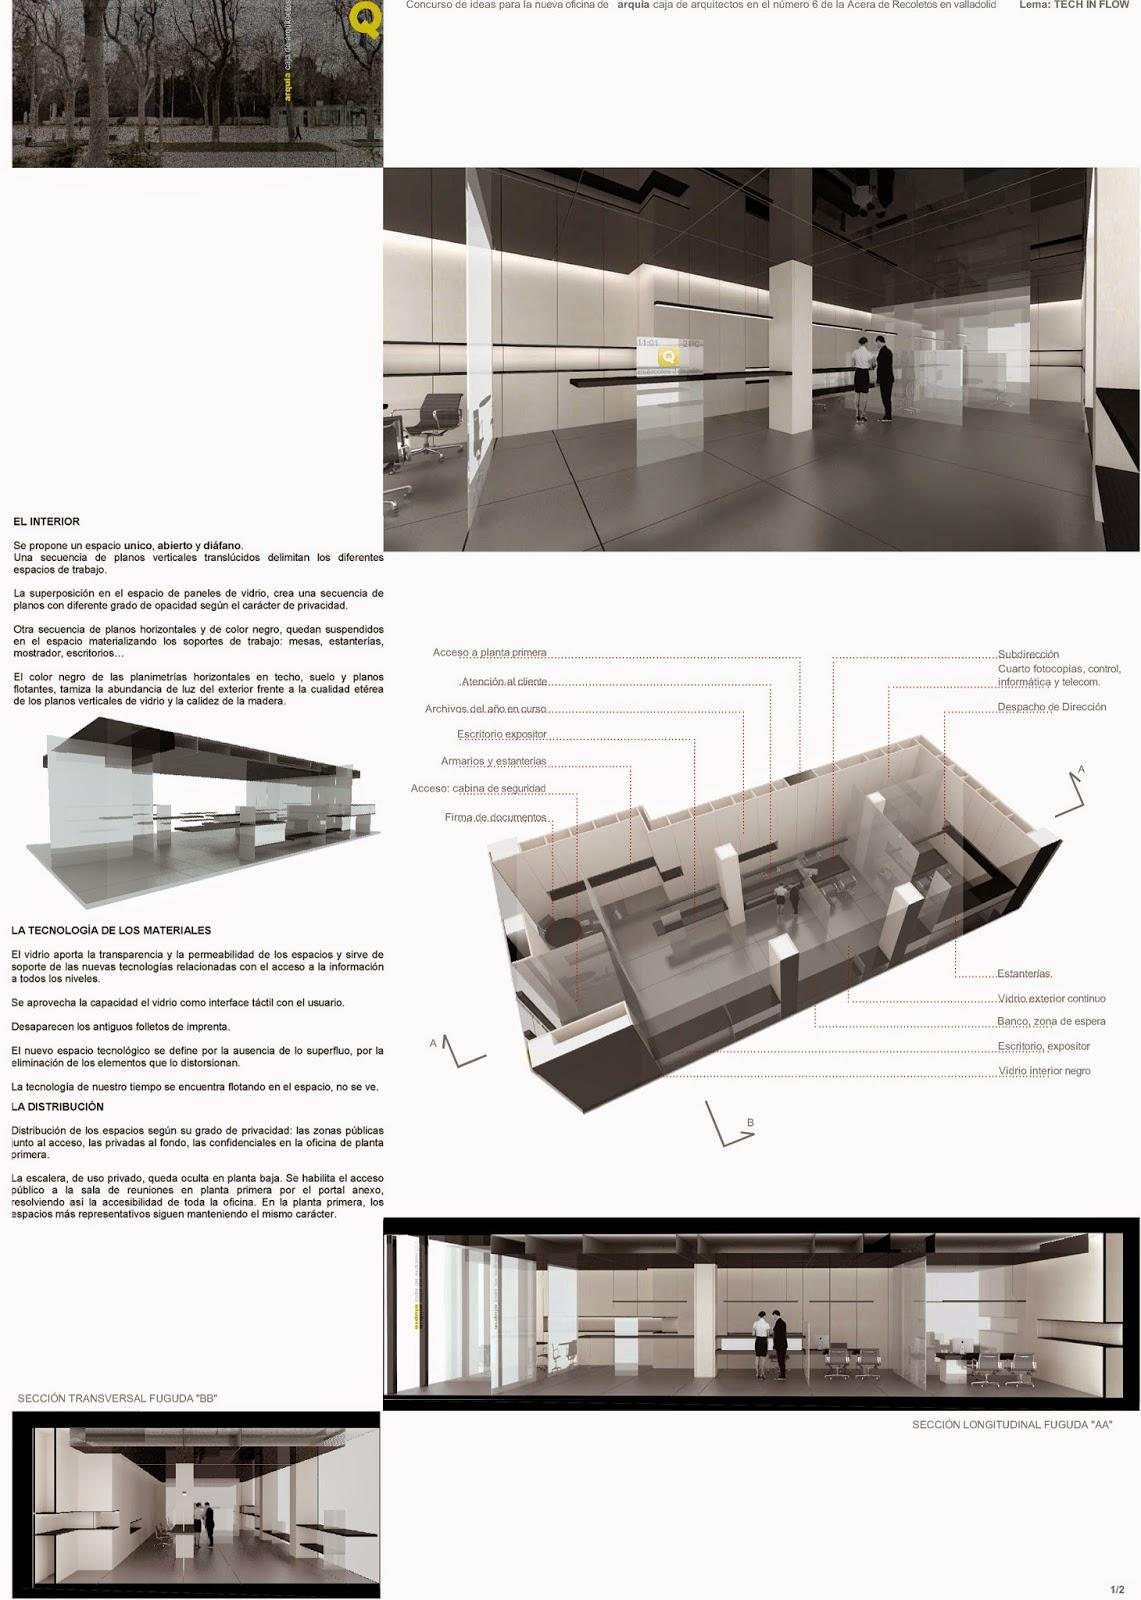 Vz arquitectos enrique villar pagola rodrigo zaparain concurso de ideas para la nueva oficina - Arquitectos en valladolid ...